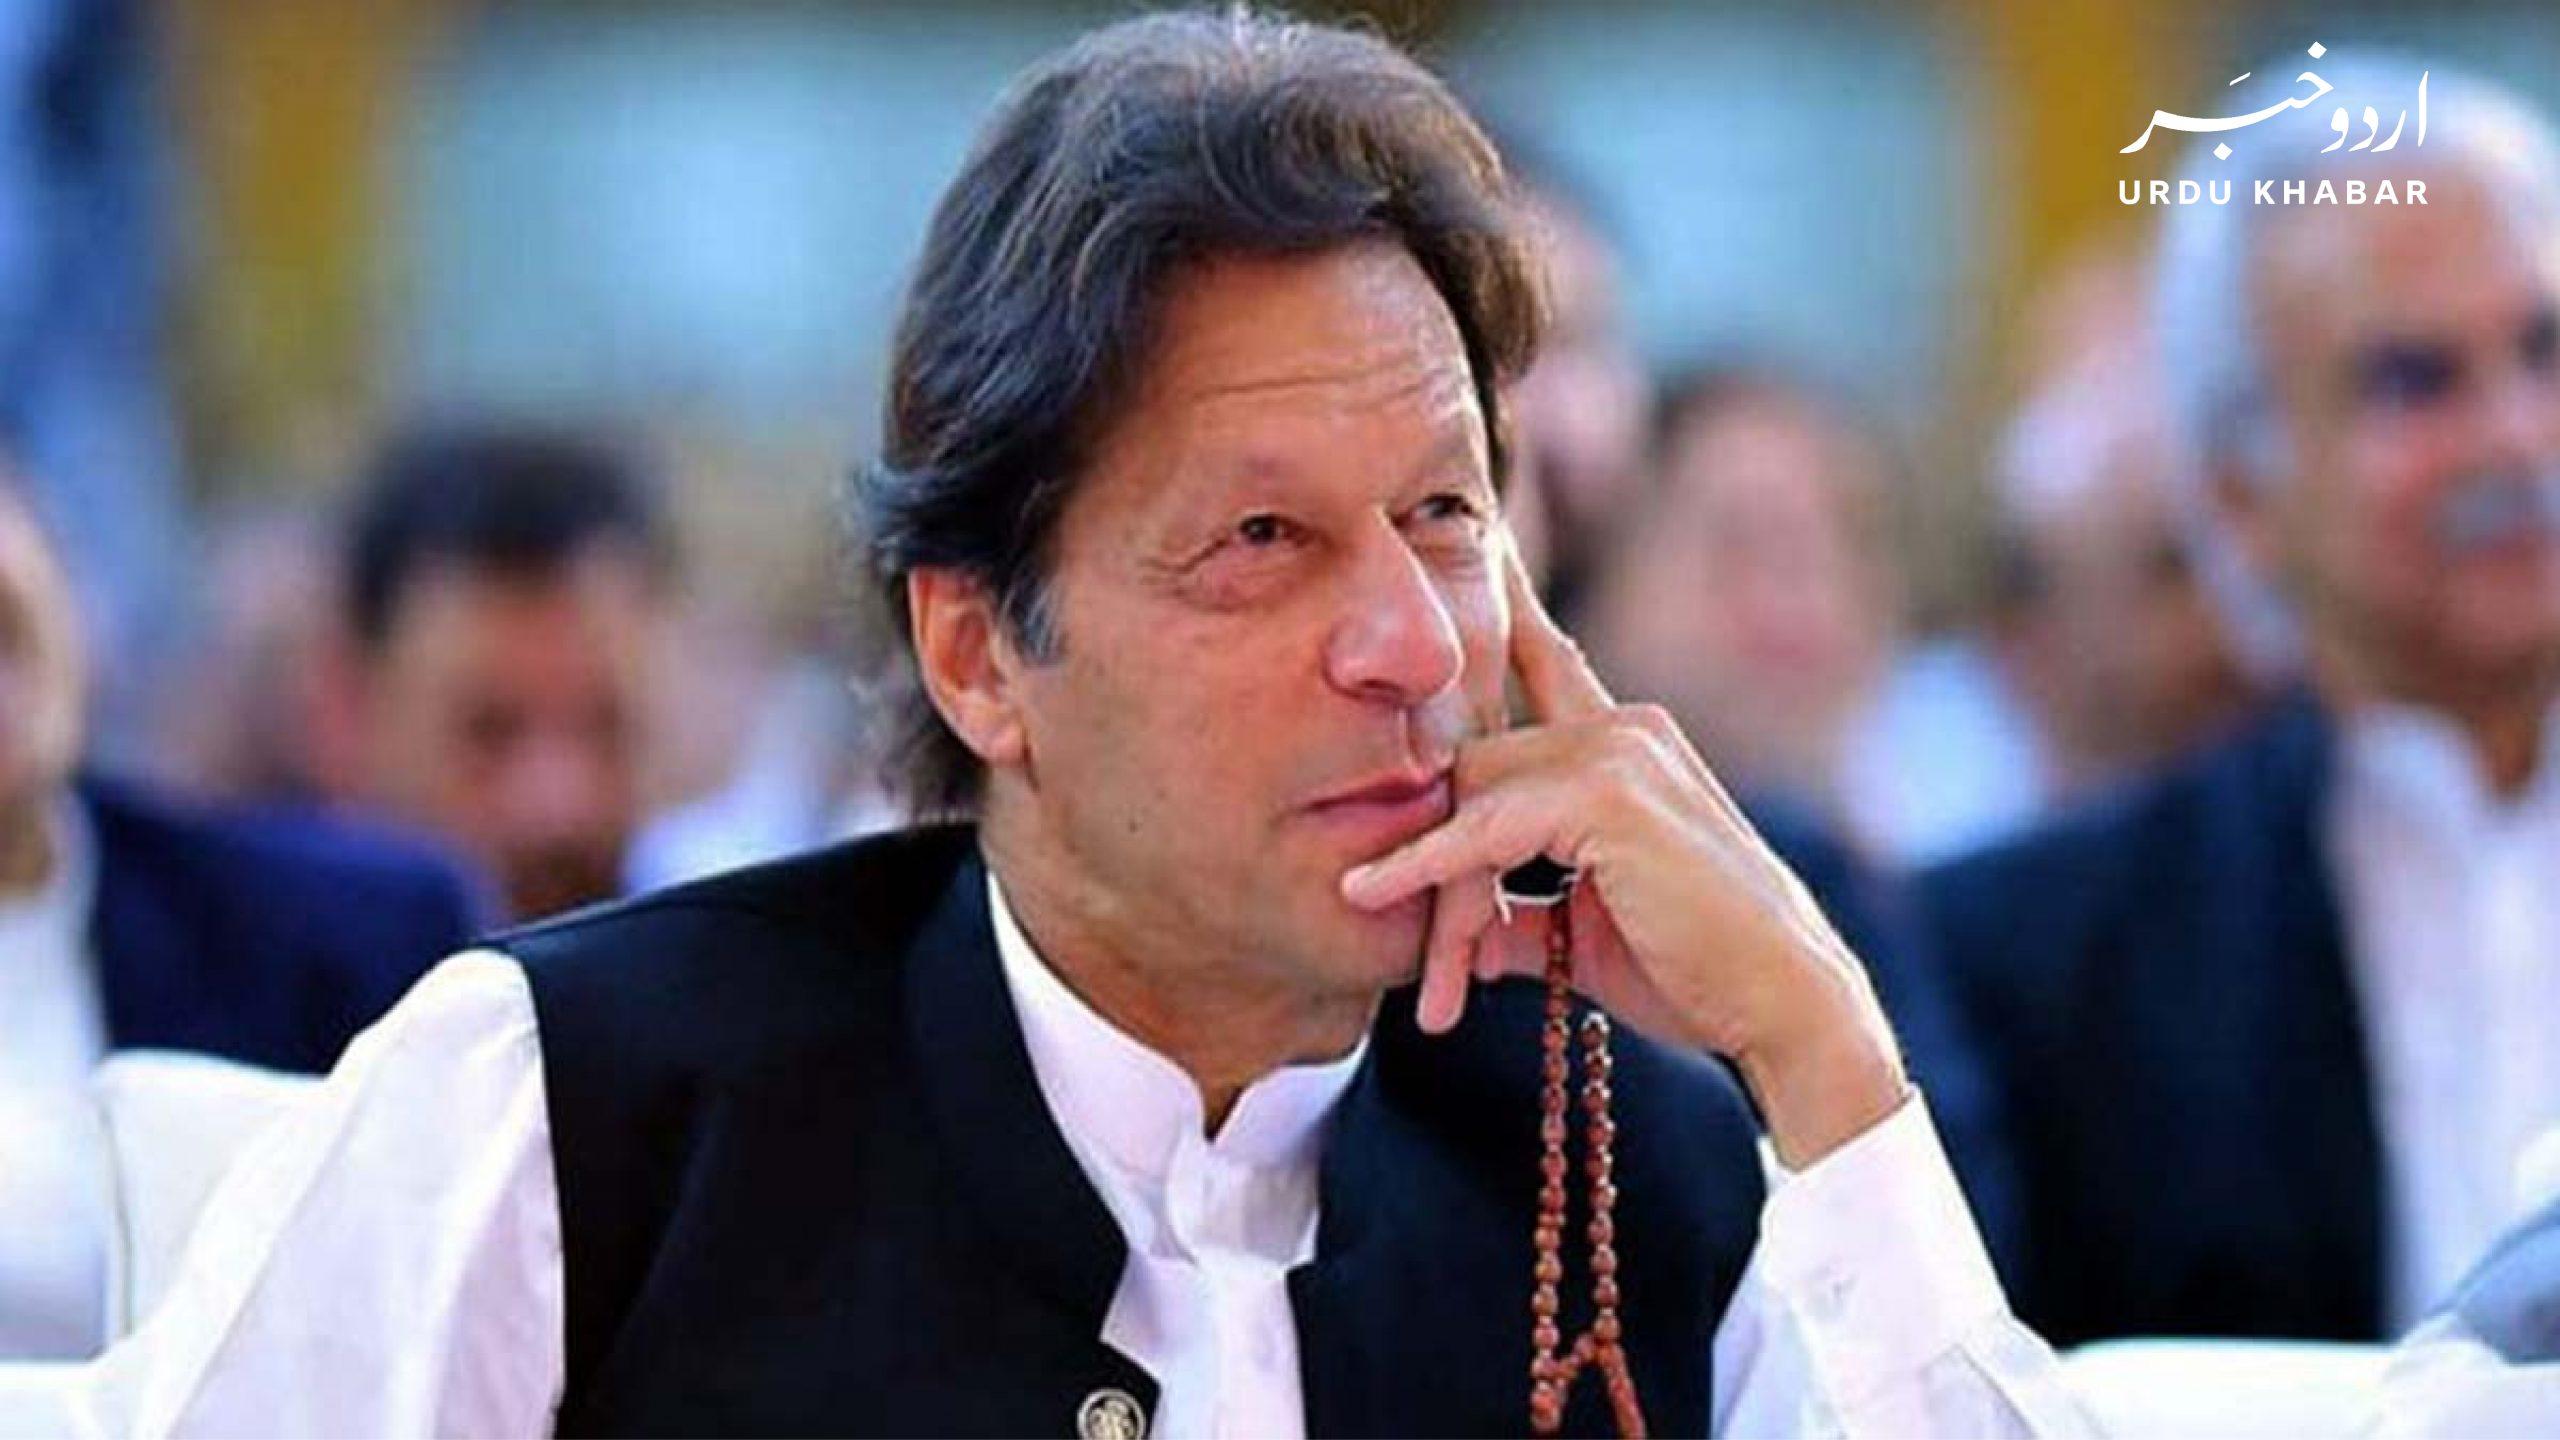 وزیر اعظم عمران خان کا عوامی اجتماعات پر پابندی کا اعلان